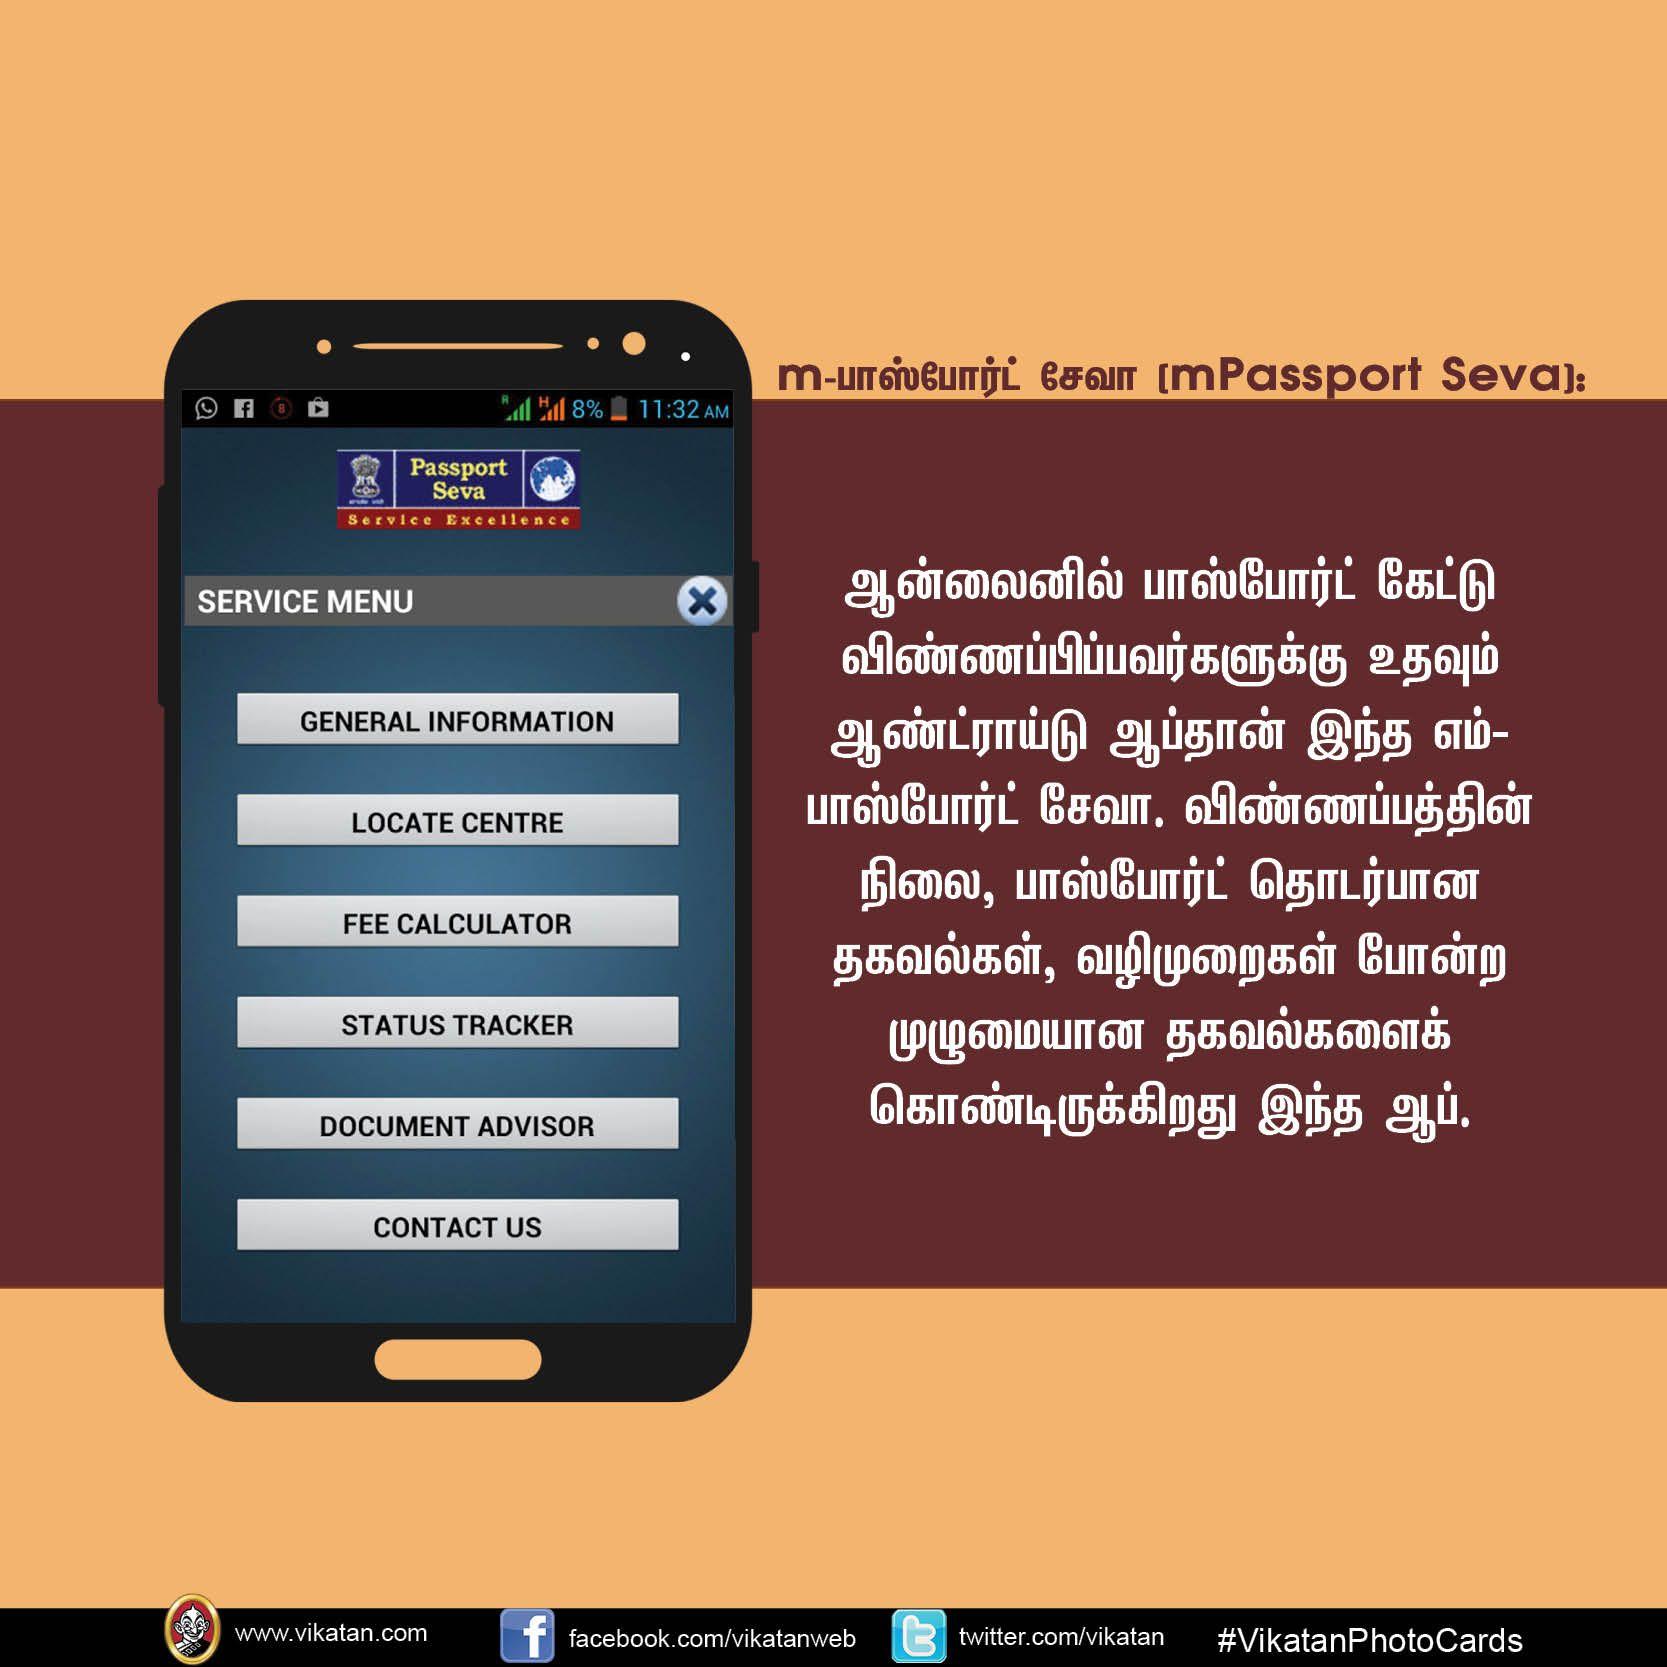 டிஜிலாக்கர் என்ன சேமிக்கலாம்... ஜி.எஸ்.டி விலை என்ன? பயனுள்ள தகவல் தரும் 14 அரசு App-கள்! #VikatanPhotoCards